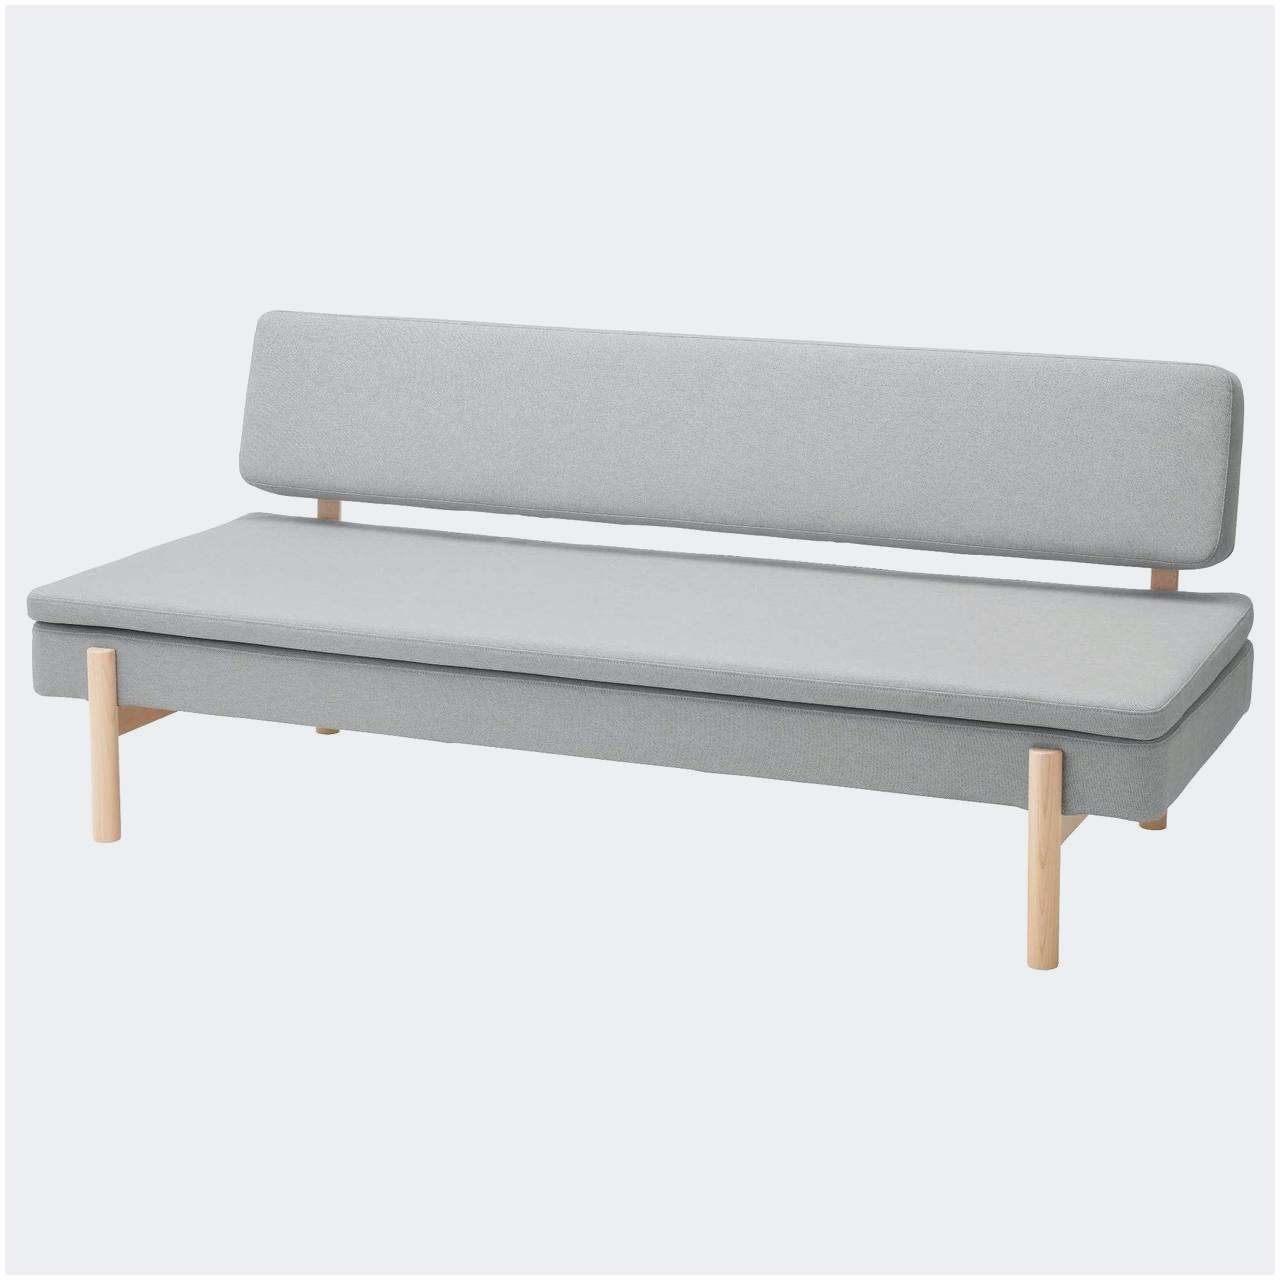 Lit Superposé Escamotable Ikea Meilleur De Beau 45 Unique Canapé 2 Places Gris Foncé Pour Alternative Lit